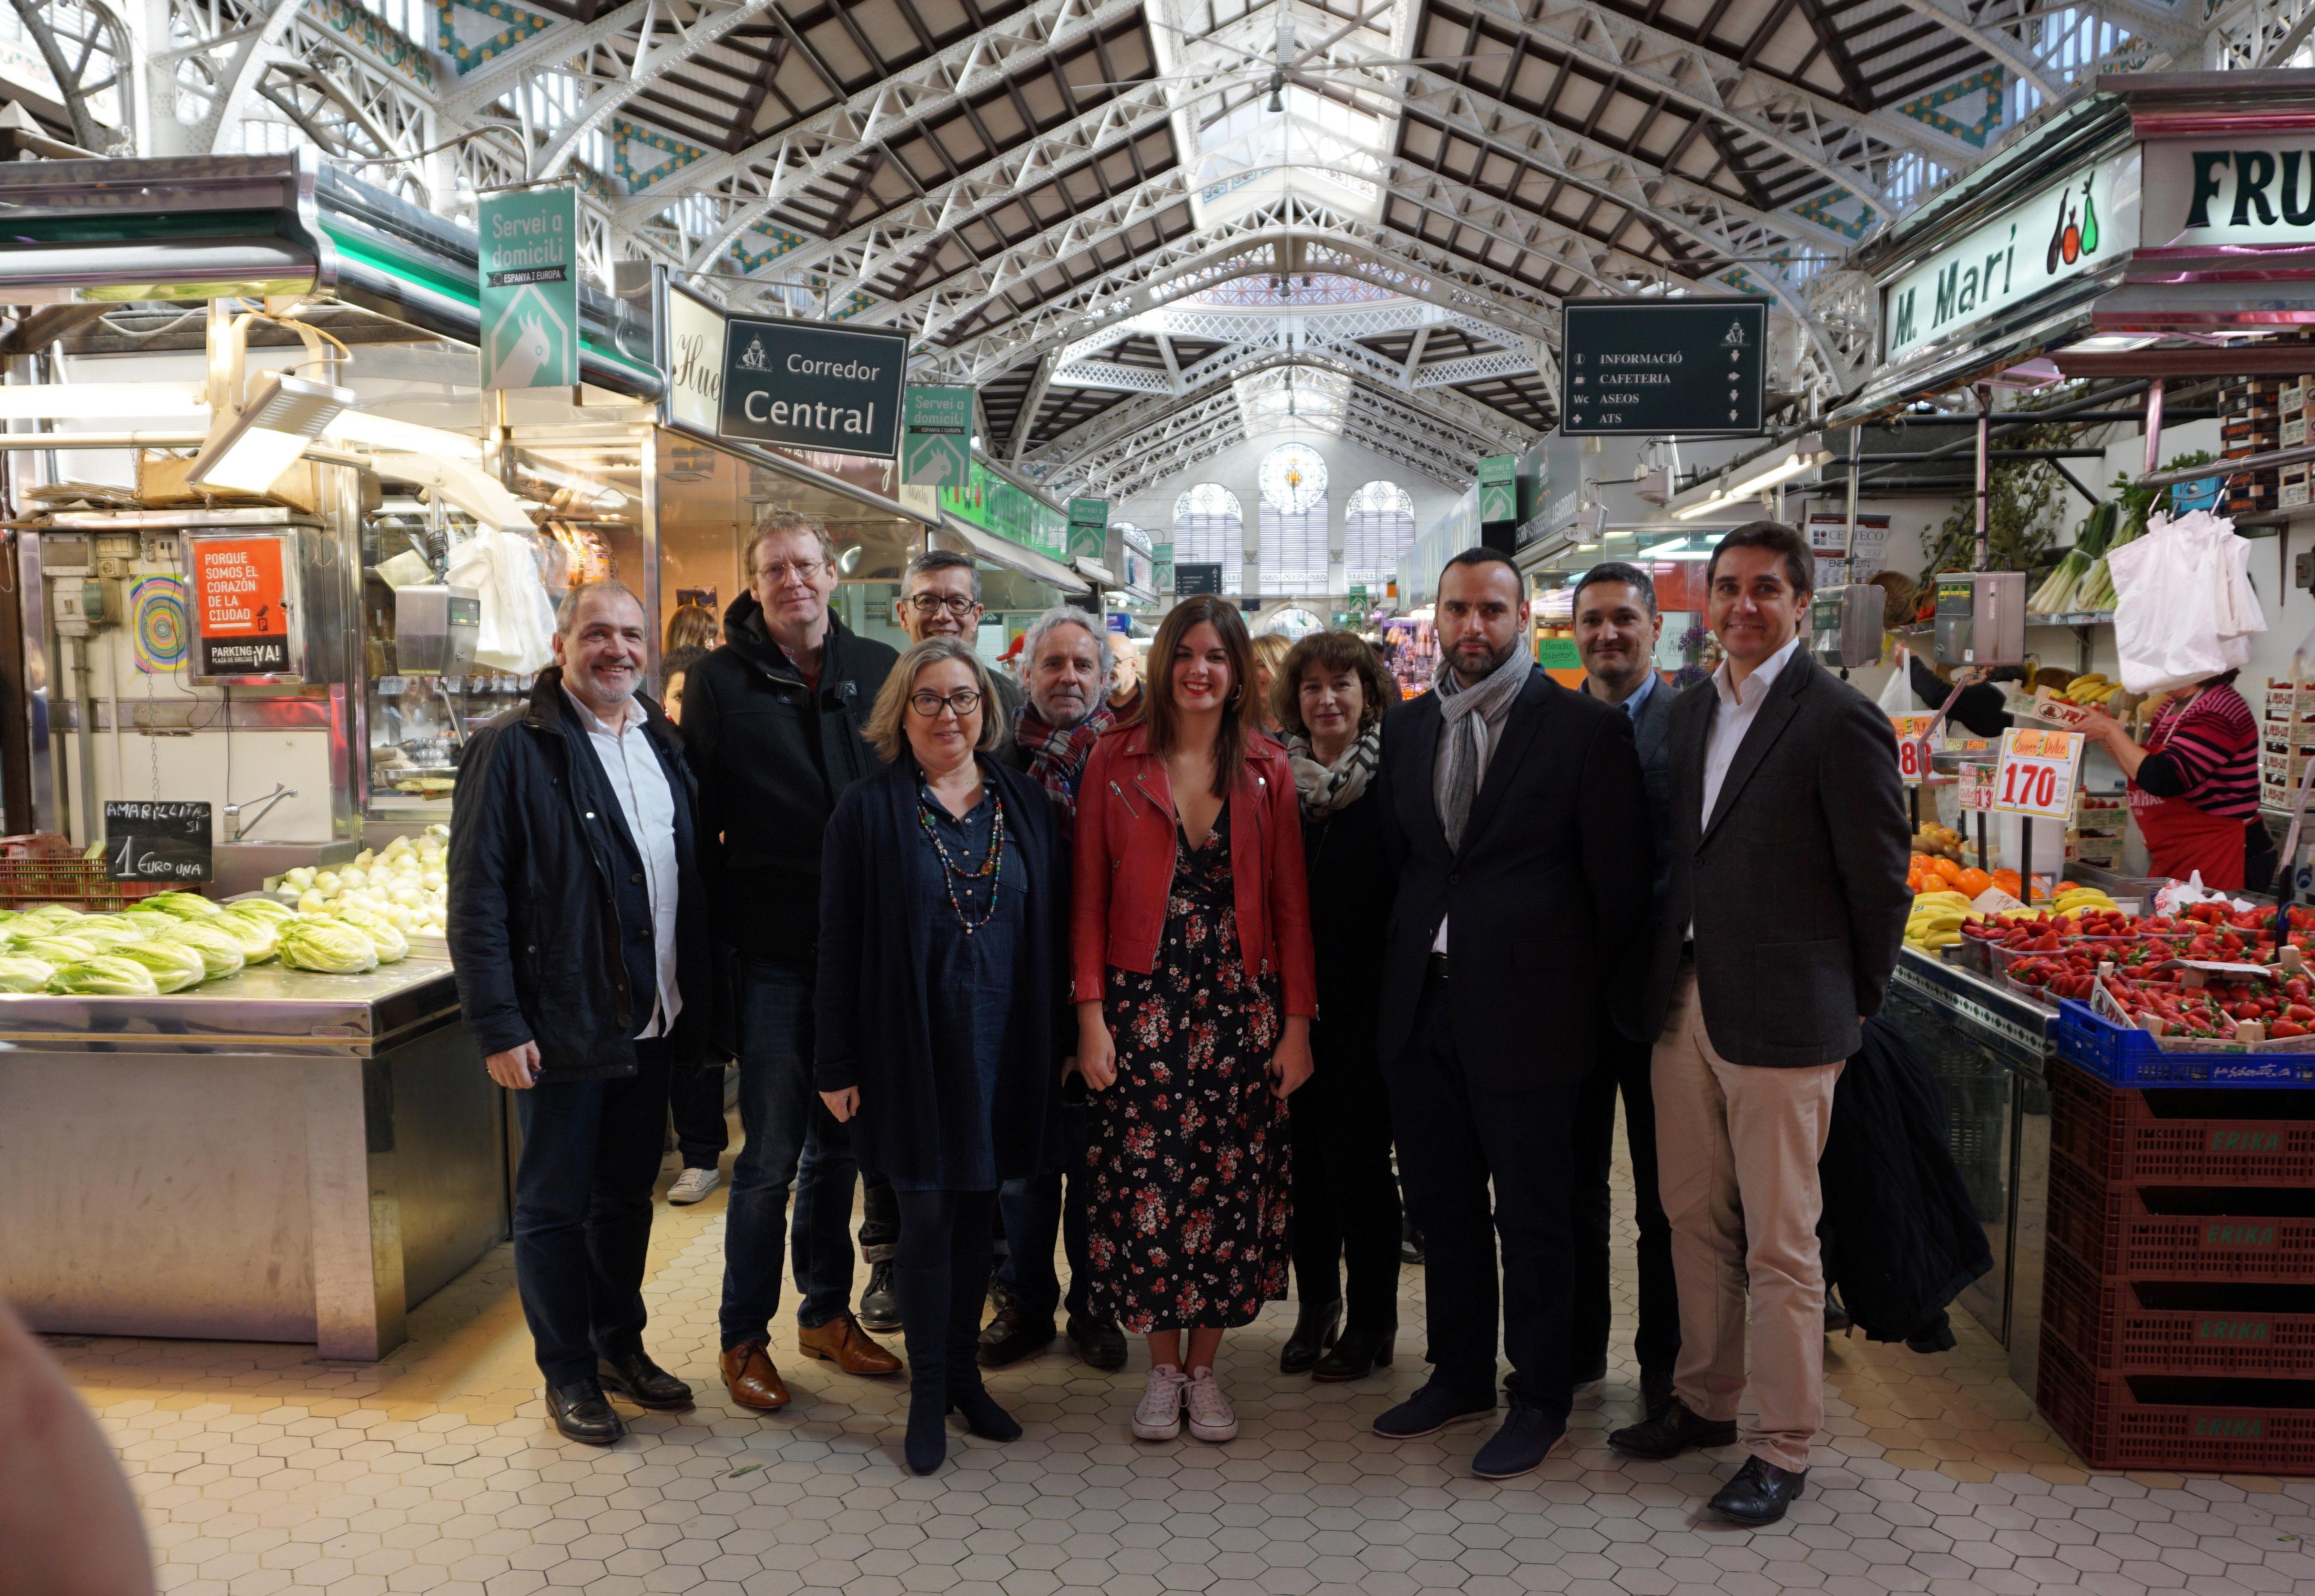 Turismo Valencia y el sector lanzan el programa vlc gastronomía con un plan operativo específico y nuevos soportes